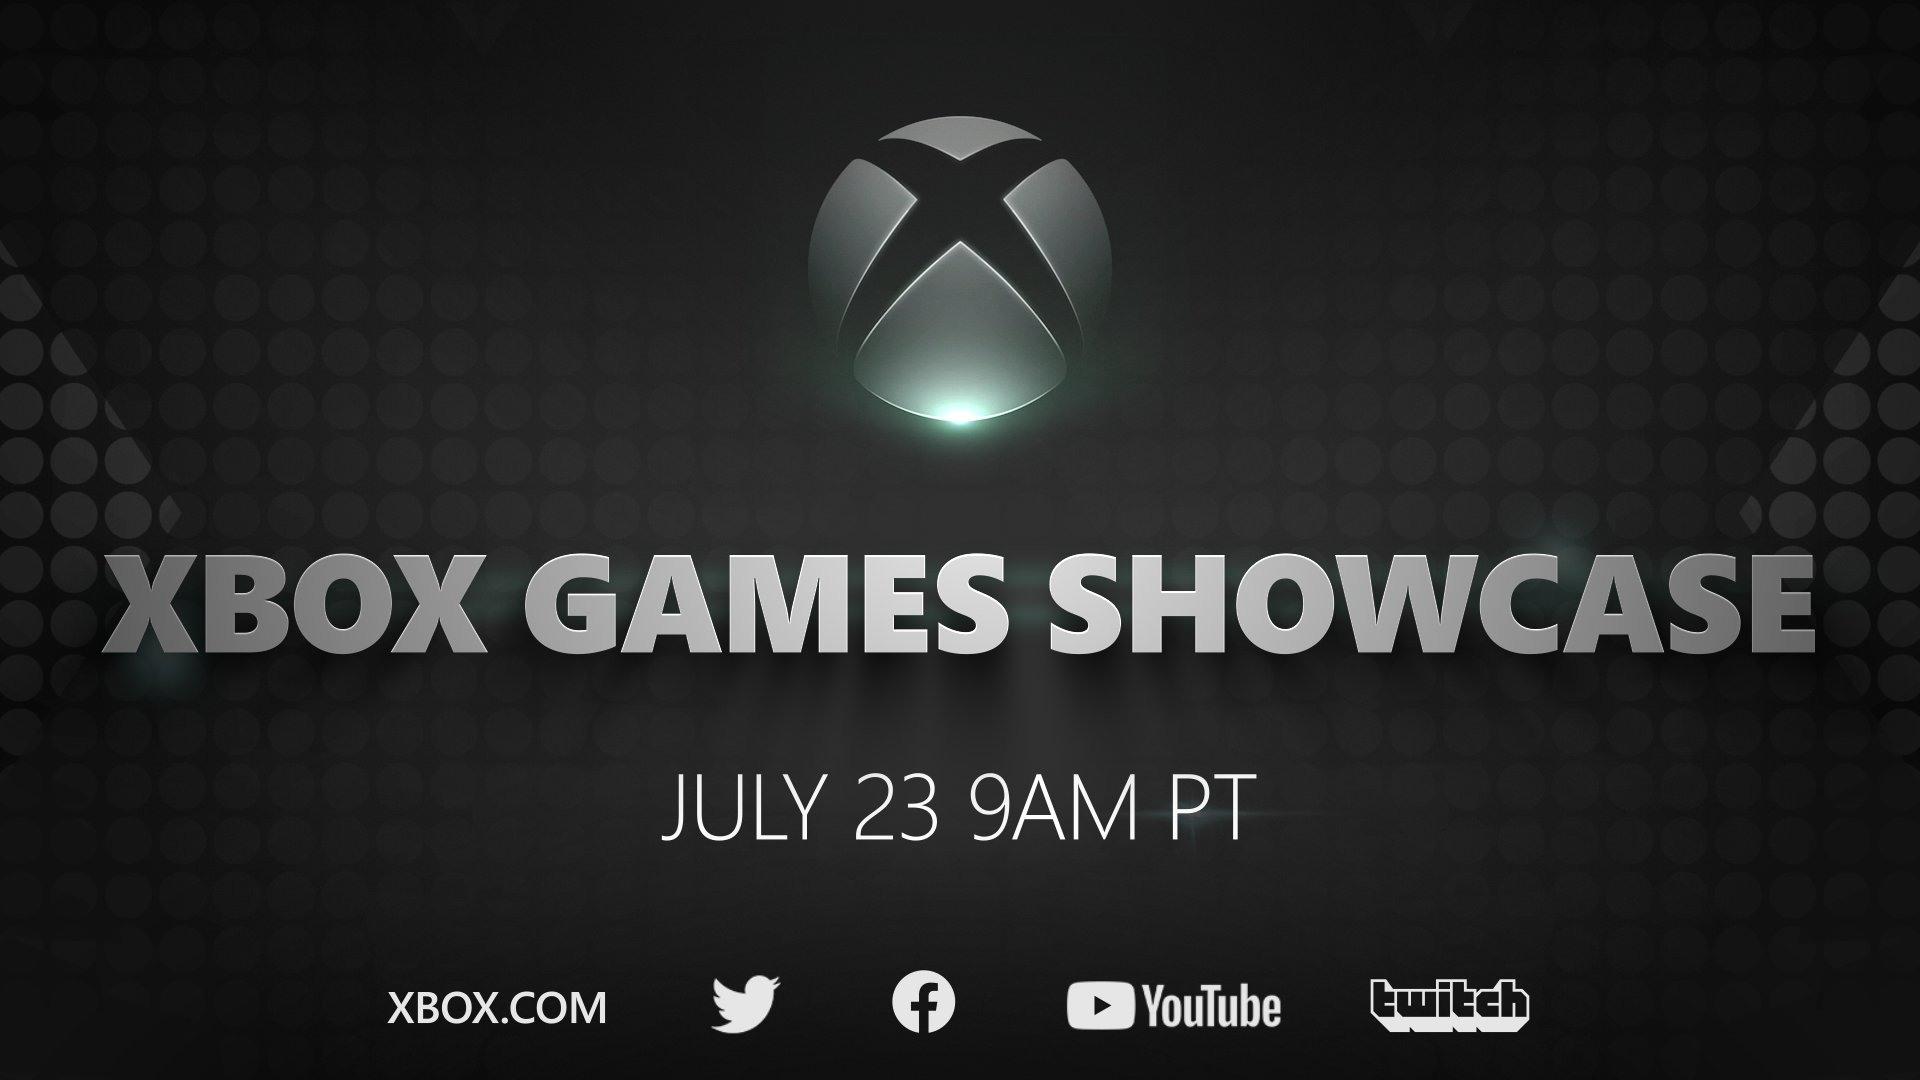 Xbox发布会:《光环无限》演示、《神鬼寓言》新作